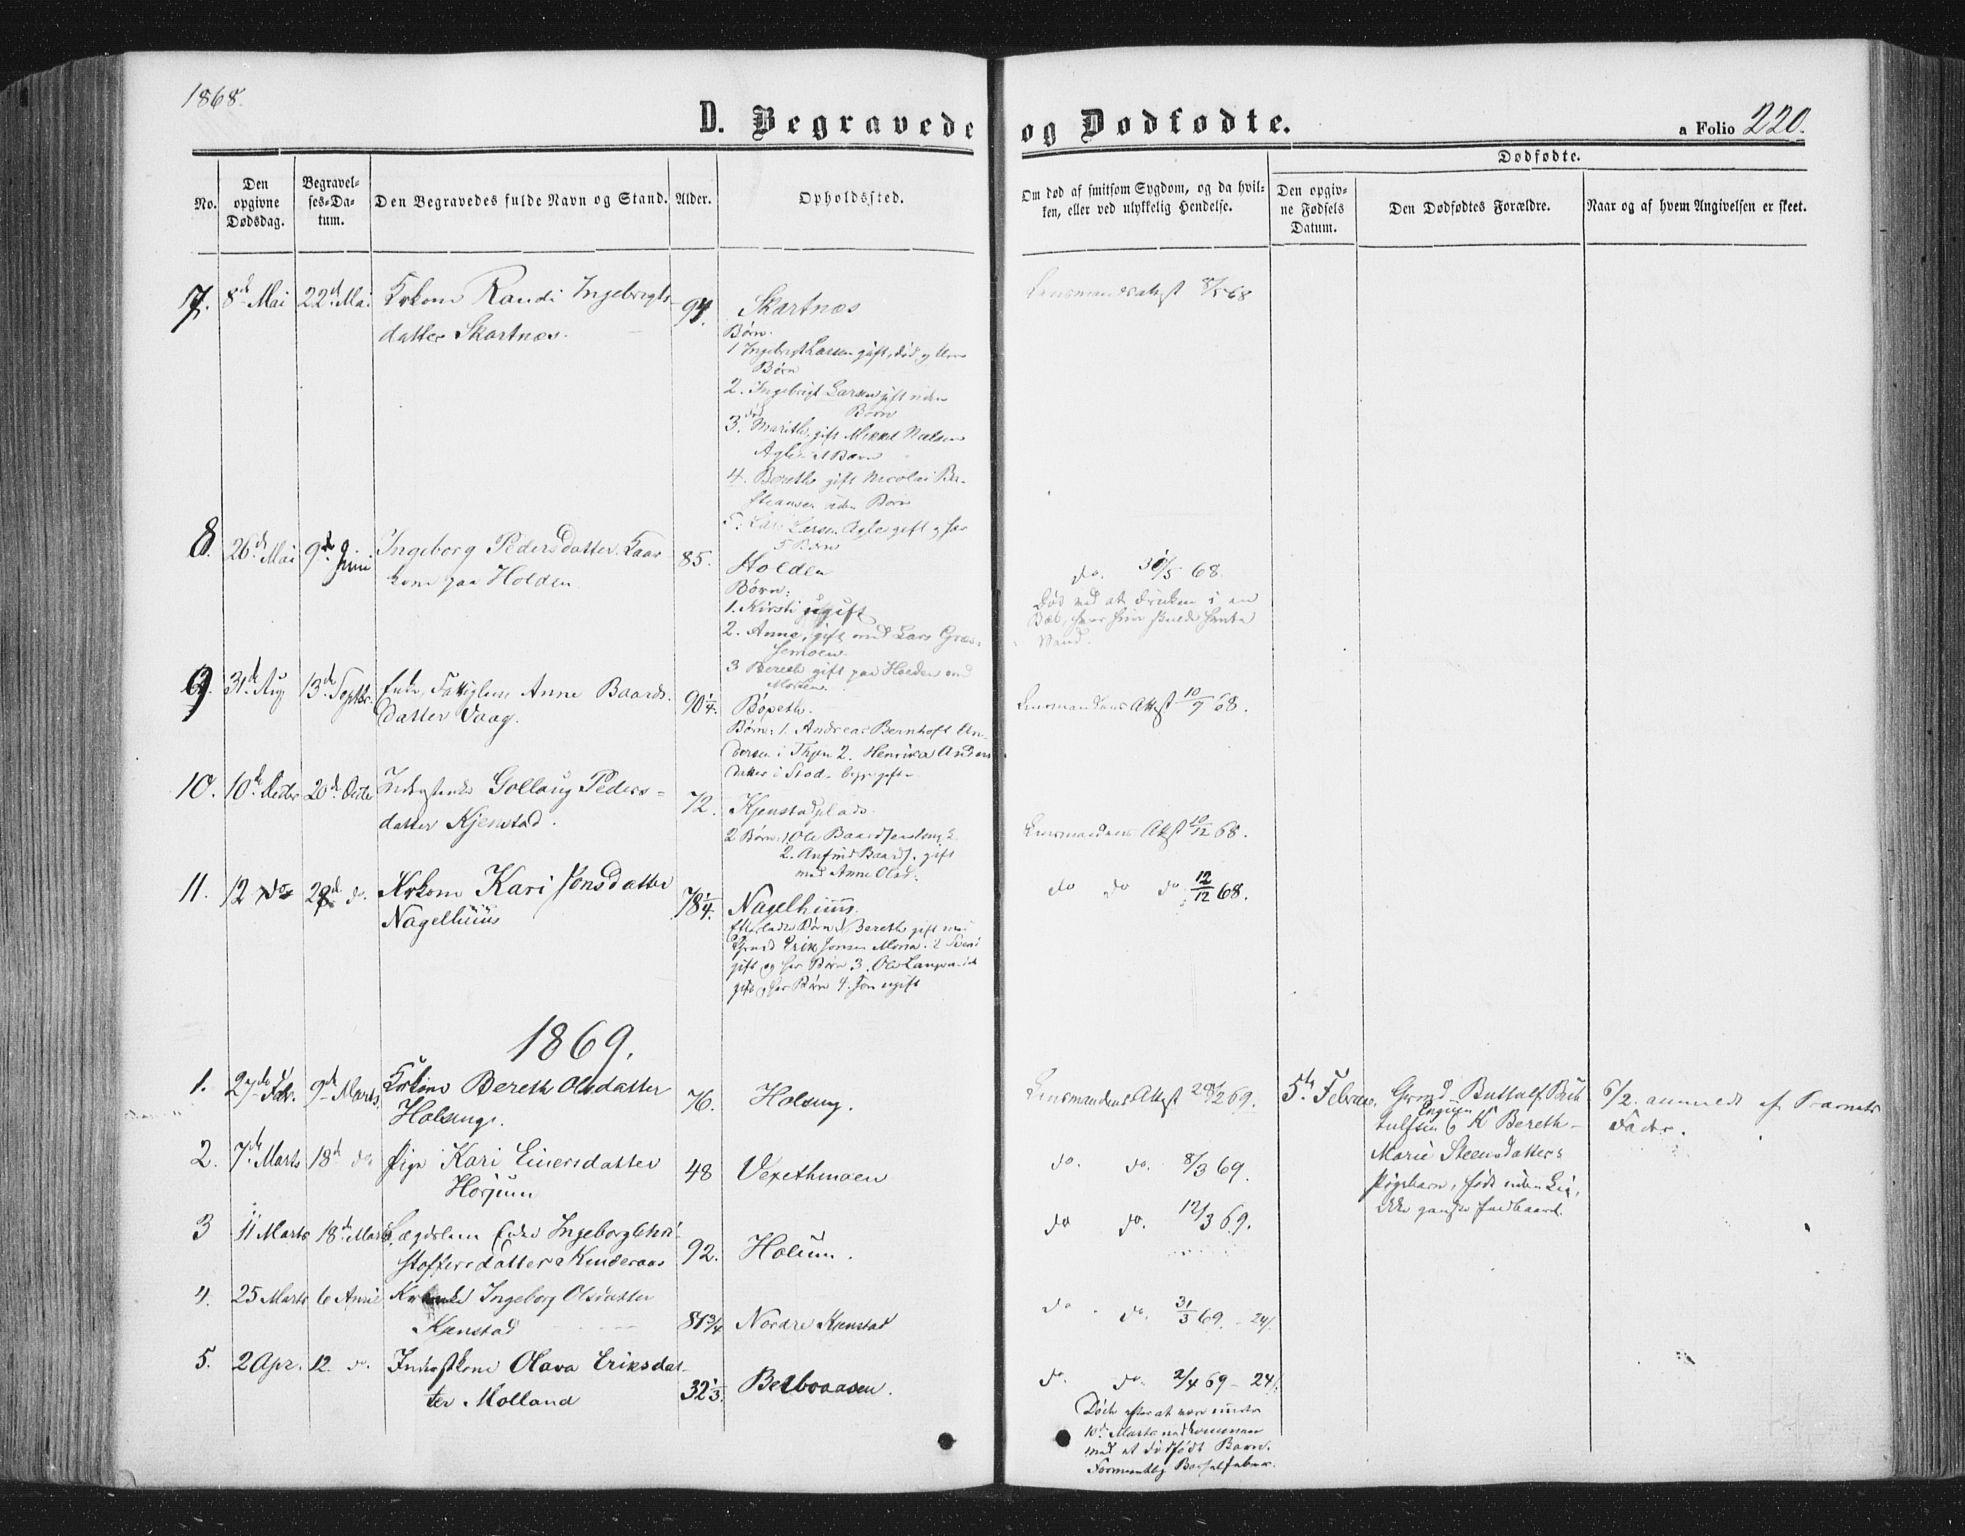 SAT, Ministerialprotokoller, klokkerbøker og fødselsregistre - Nord-Trøndelag, 749/L0472: Ministerialbok nr. 749A06, 1857-1873, s. 220